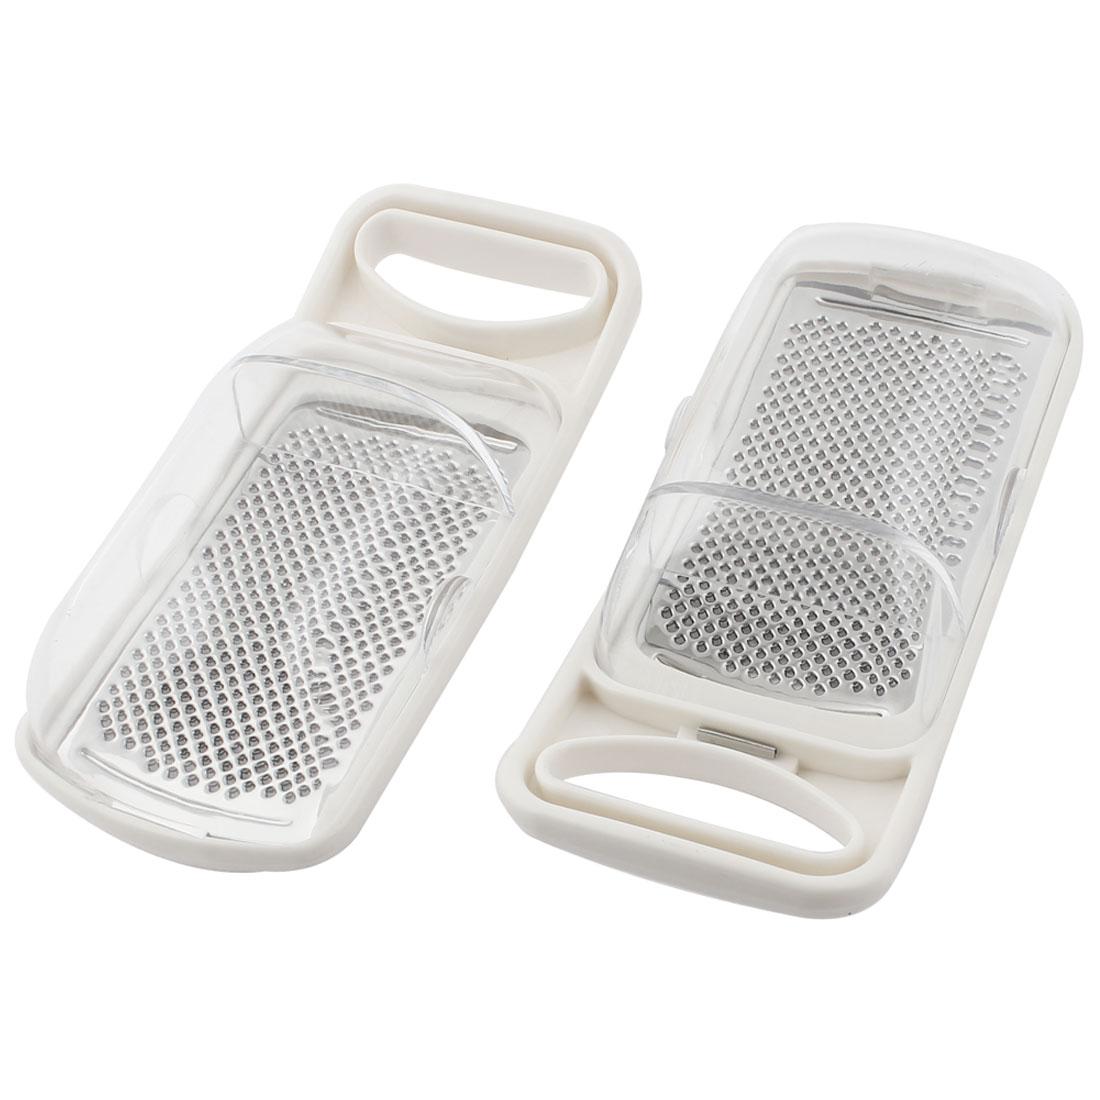 Kitchenware Plastic Grip Fruit Vegetable Grater Peeler Slicer 2PCS